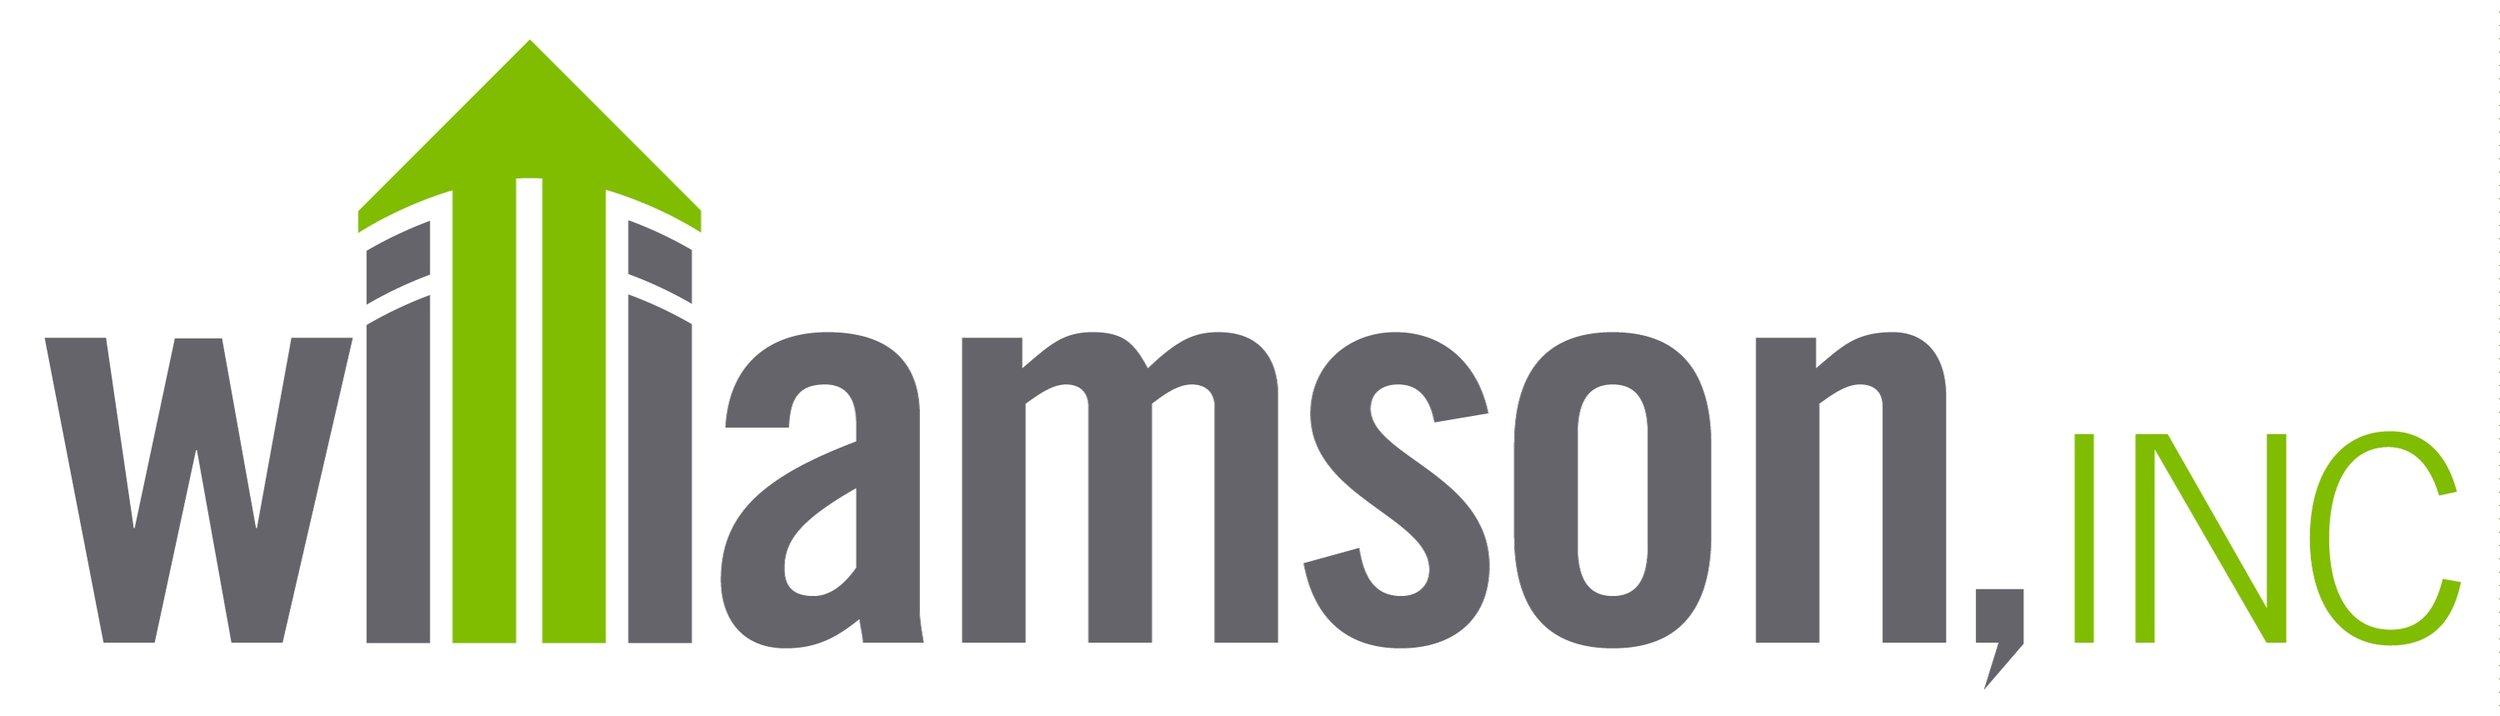 Williamson-Inc-2016.jpg